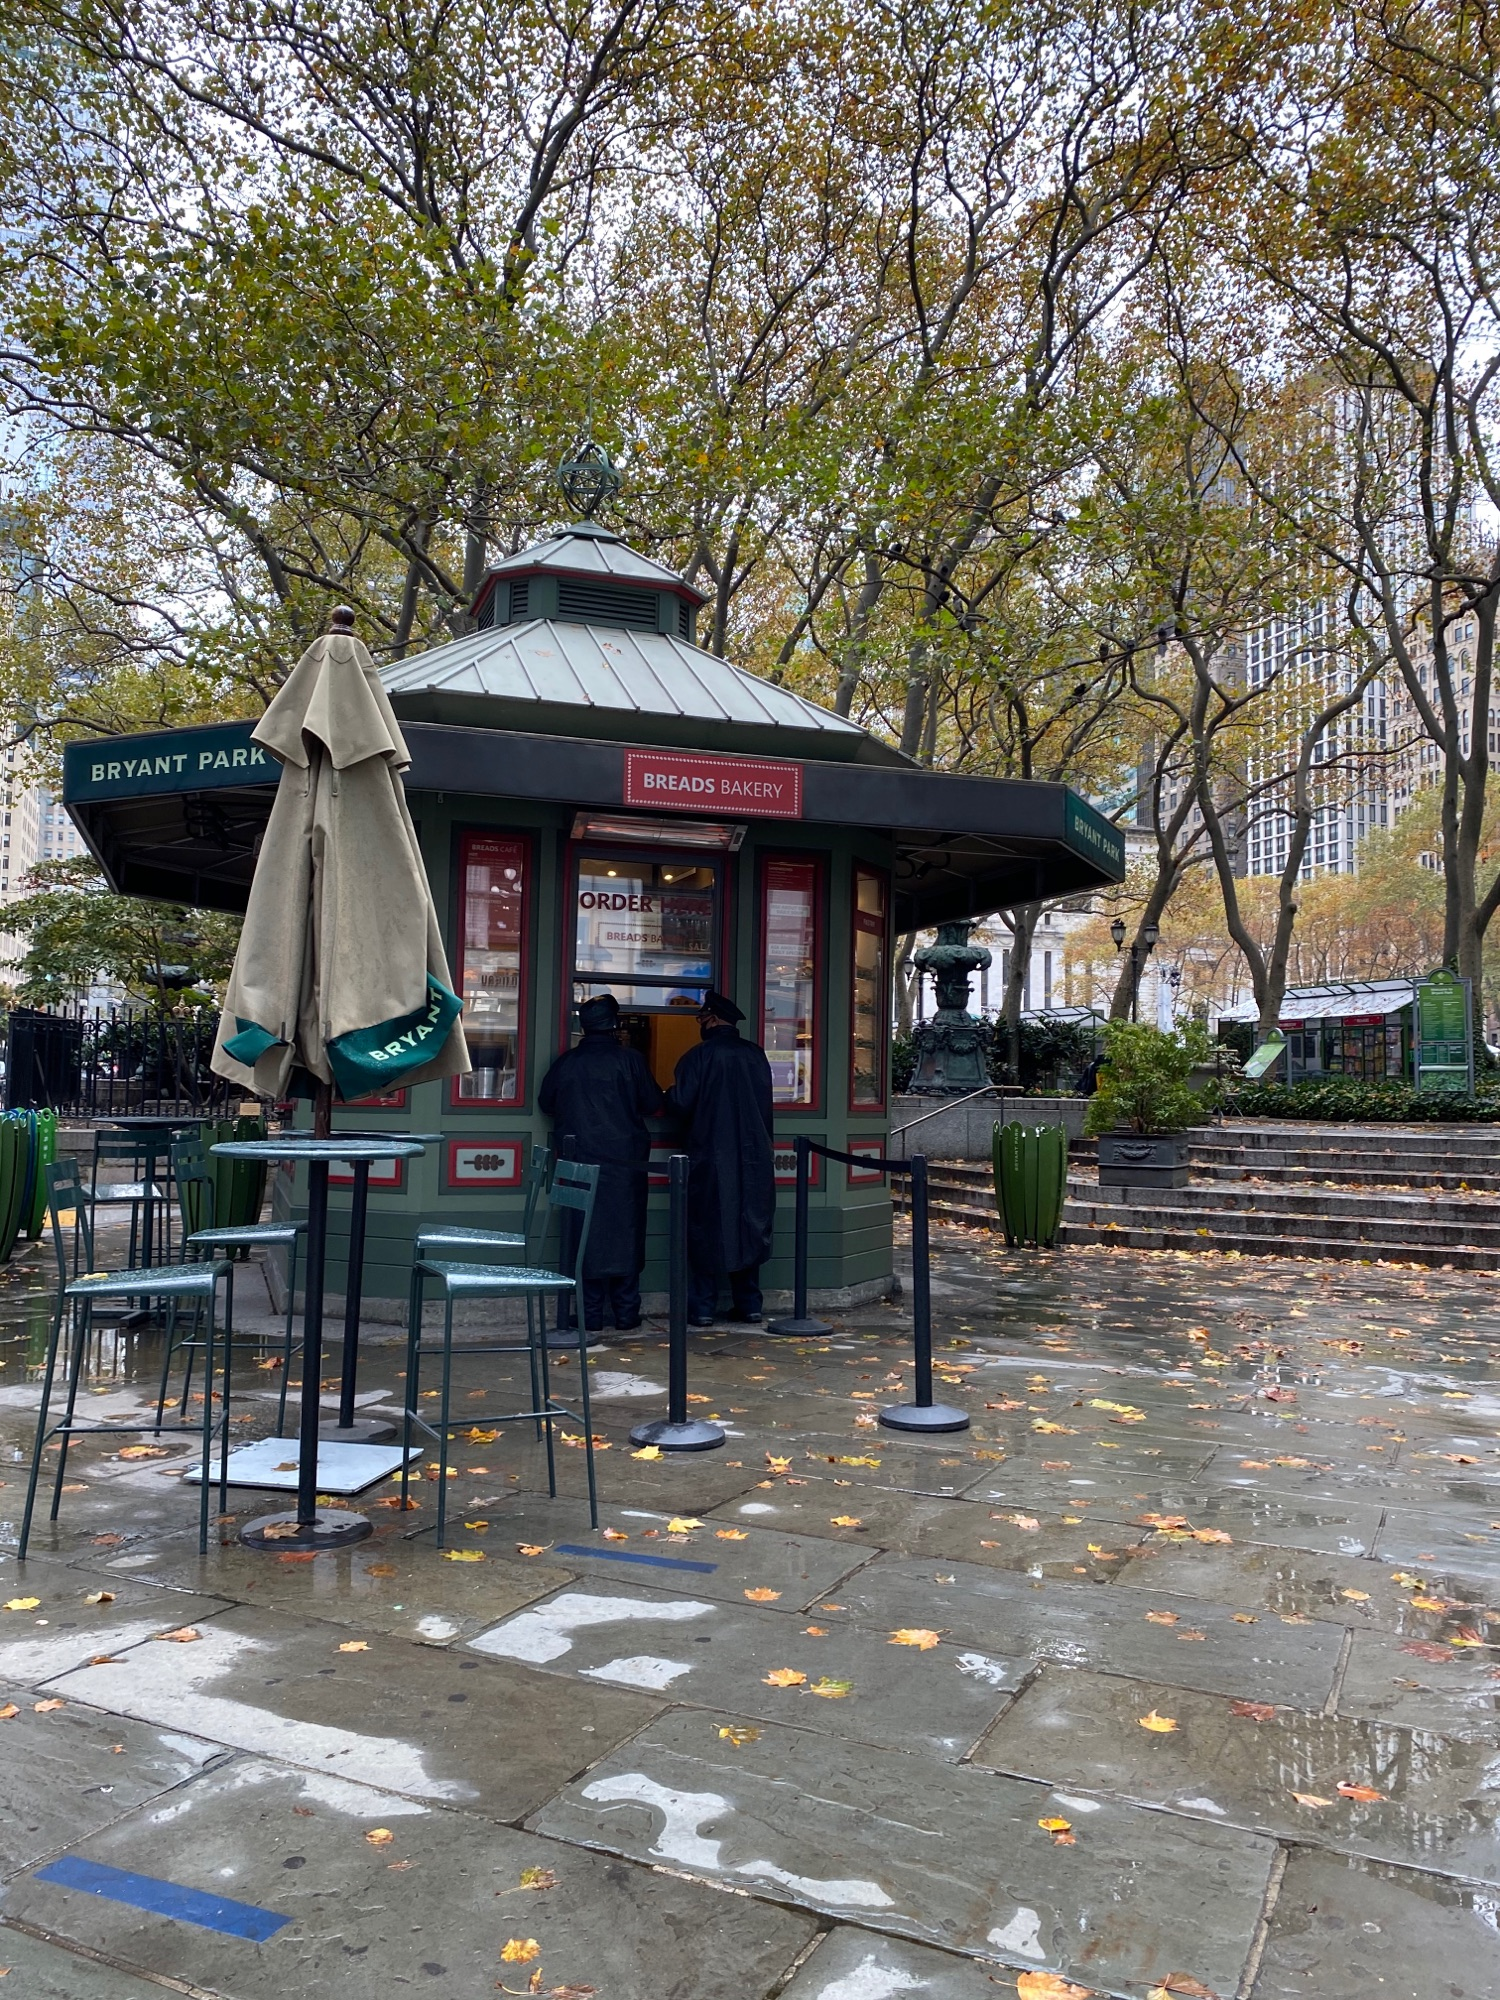 Полицейские решили испить кофейку. Кстати в этом парке кофе вкусный. Я пробовала.